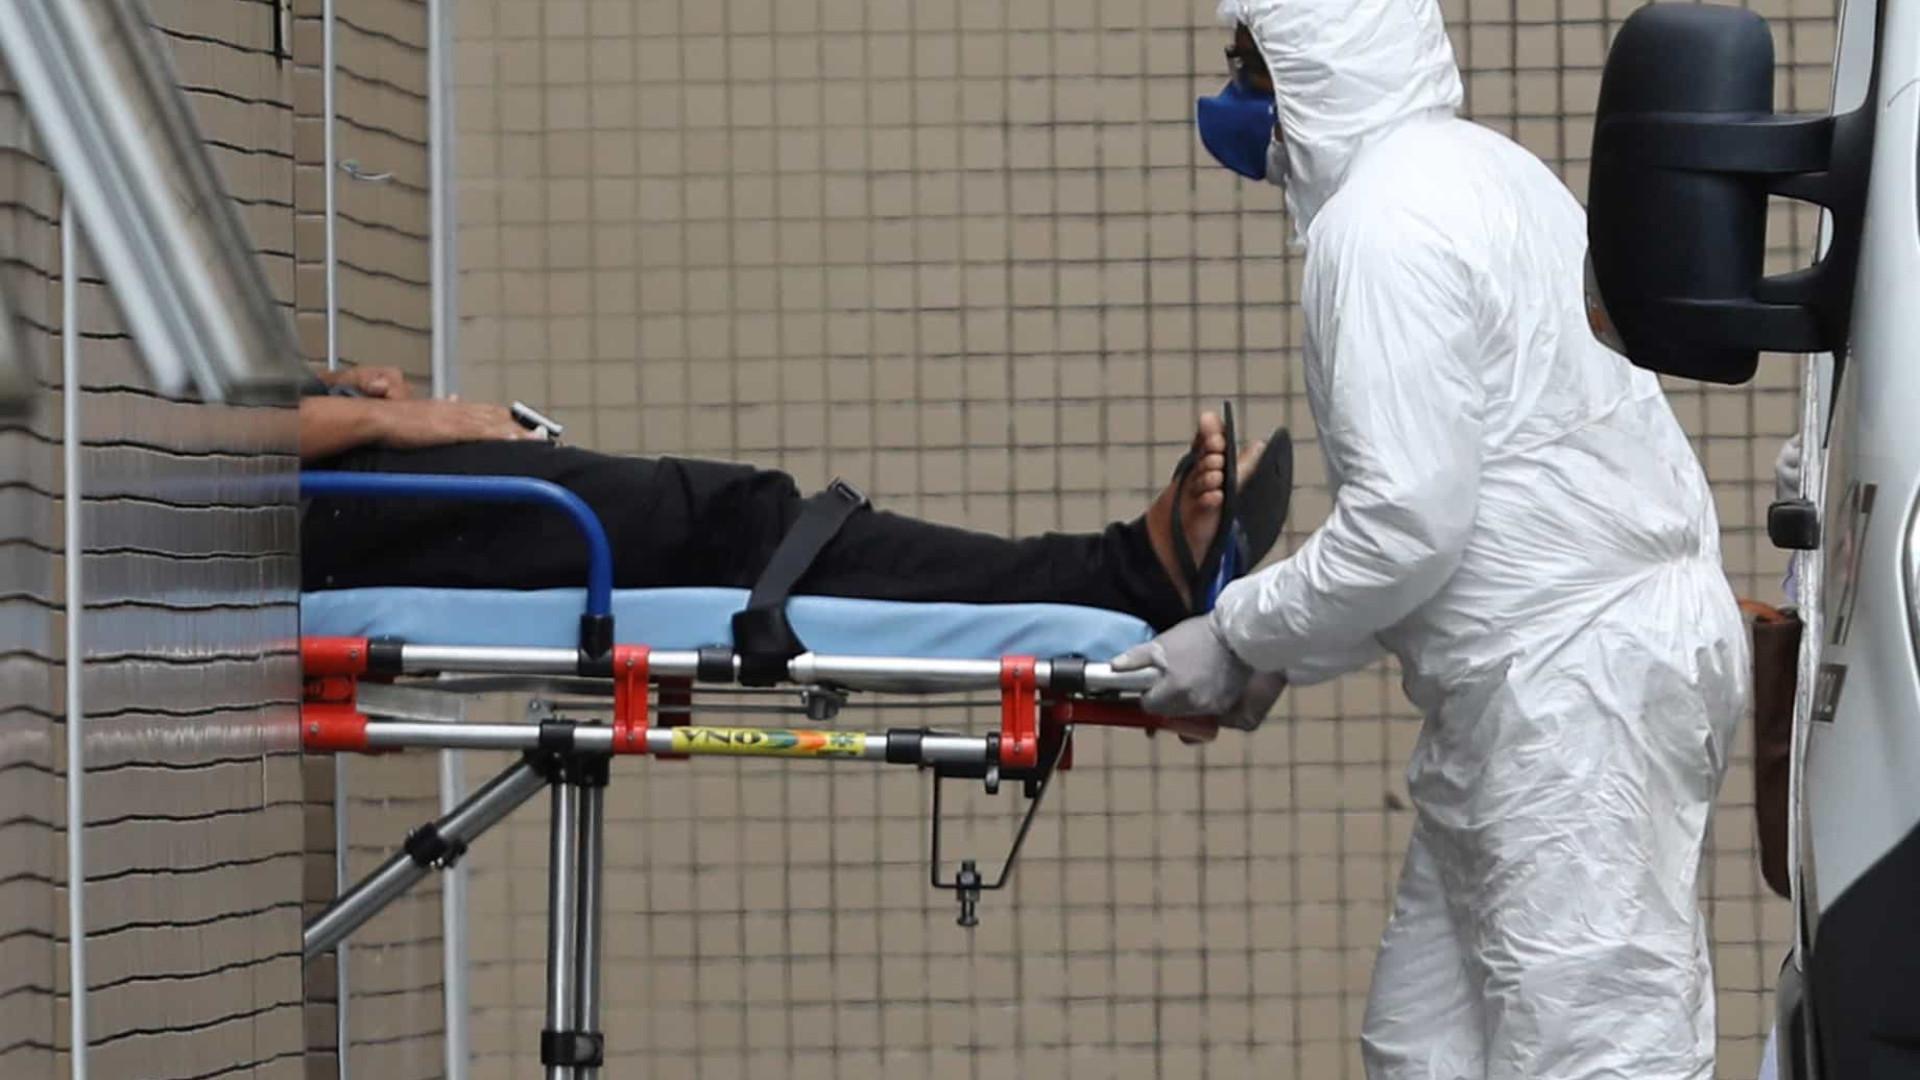 Brasil registra 496 novas mortes por coronavírus em 24 h